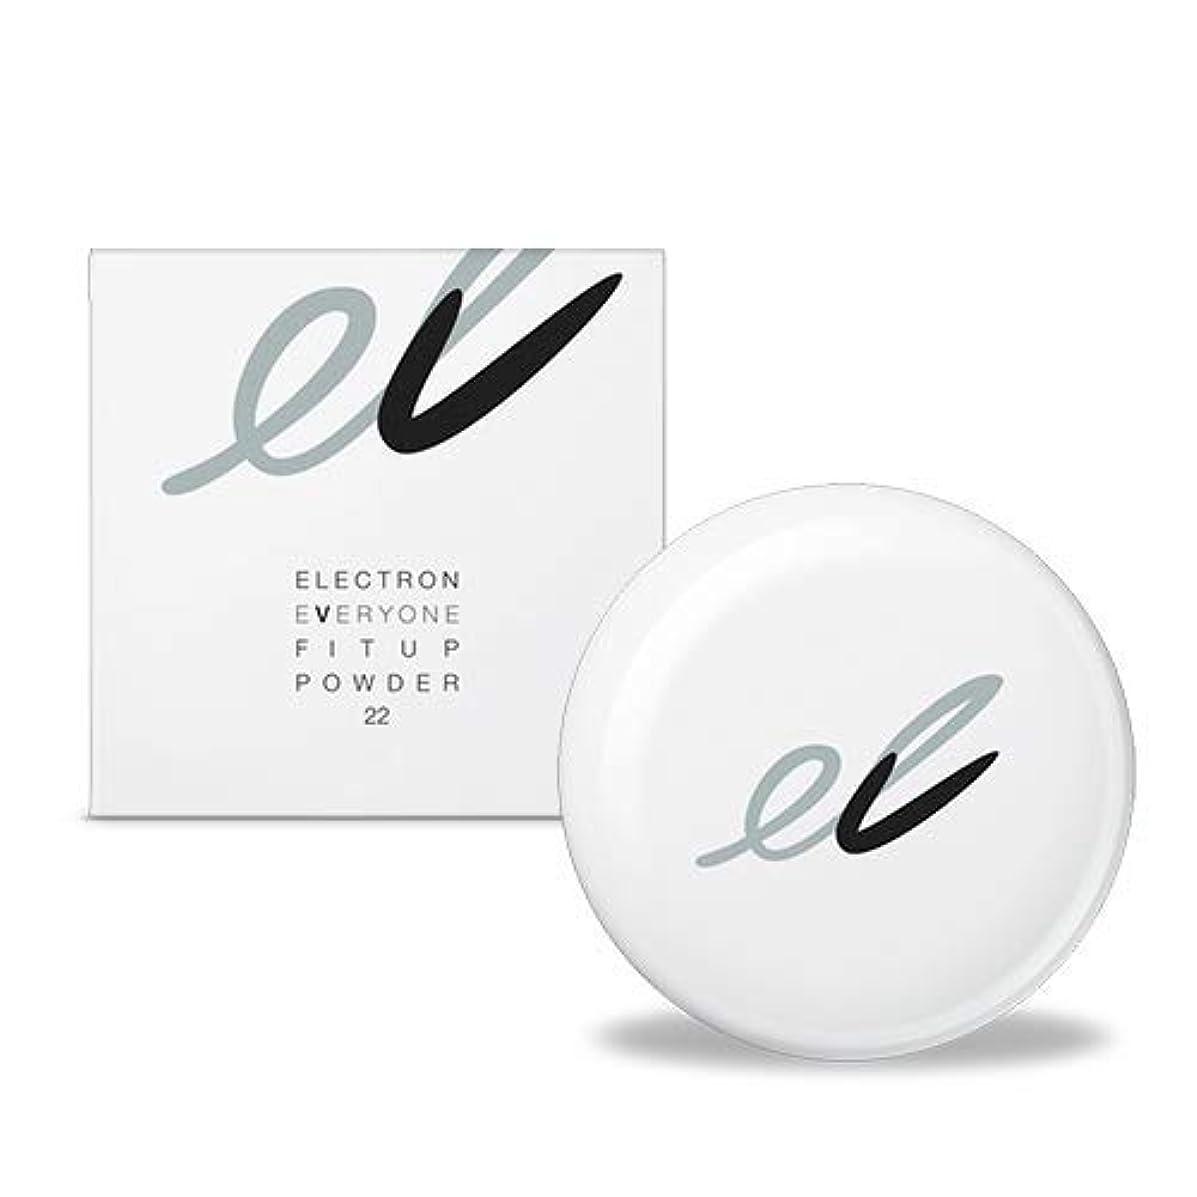 着る熱望する着る【公式】 ELECTRON EVERYONE エレクトロンエブリワン FIT UP POWDER (ファンデーション) 2043ナチュラル 14g